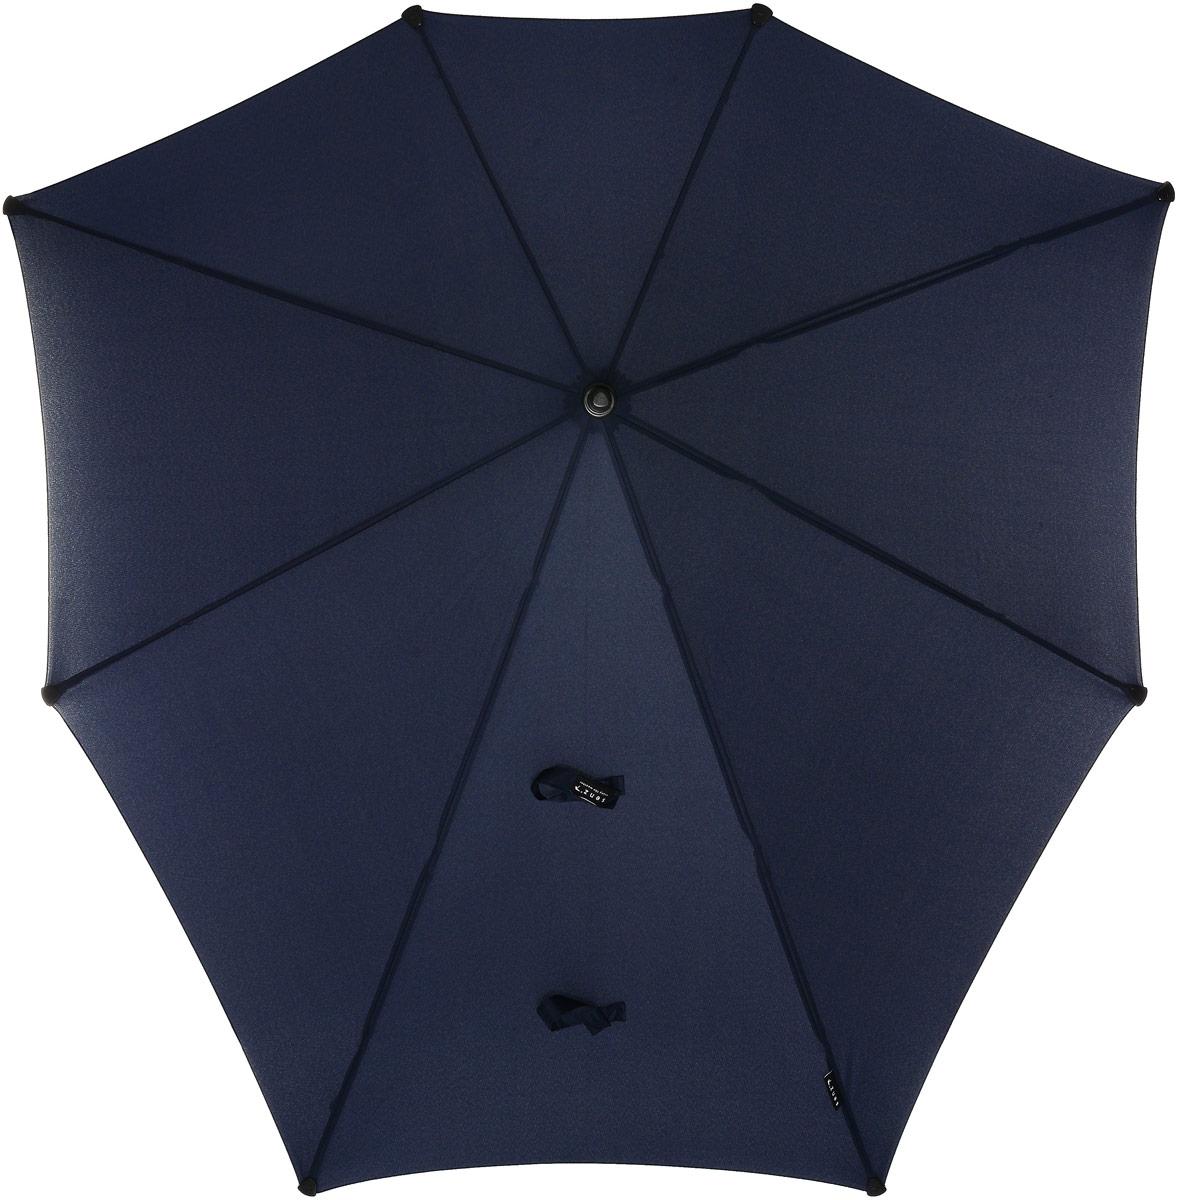 Зонт-трость Senz, механика, цвет: темно-синий. 4011002Колье (короткие одноярусные бусы)Элегантный и самый большой зонт-трость в коллекции бренда Senz не оставит вас без внимания. Оформлена модель в лаконичном дизайне.Конструкция зонта выполнена из стеклопластика, а ручка изготовлена из алюминия. Купол выполнен из качественного полиэстера, который не пропускает воду. Также зонт имеет заостренный наконечник, который устраняет попадание воды на стержень и уберегает зонт от повреждений.Изделие имеет механическое устройство сложения: купол открывается и складывается вручную до характерного щелчка. В комплекте имеется прочный чехол из плотной ткани с лямкой на плечо. Форма оригинального зонта продумана так, что вы легко найдете самое удобное положение на ветру - без паники и без борьбы со стихией.